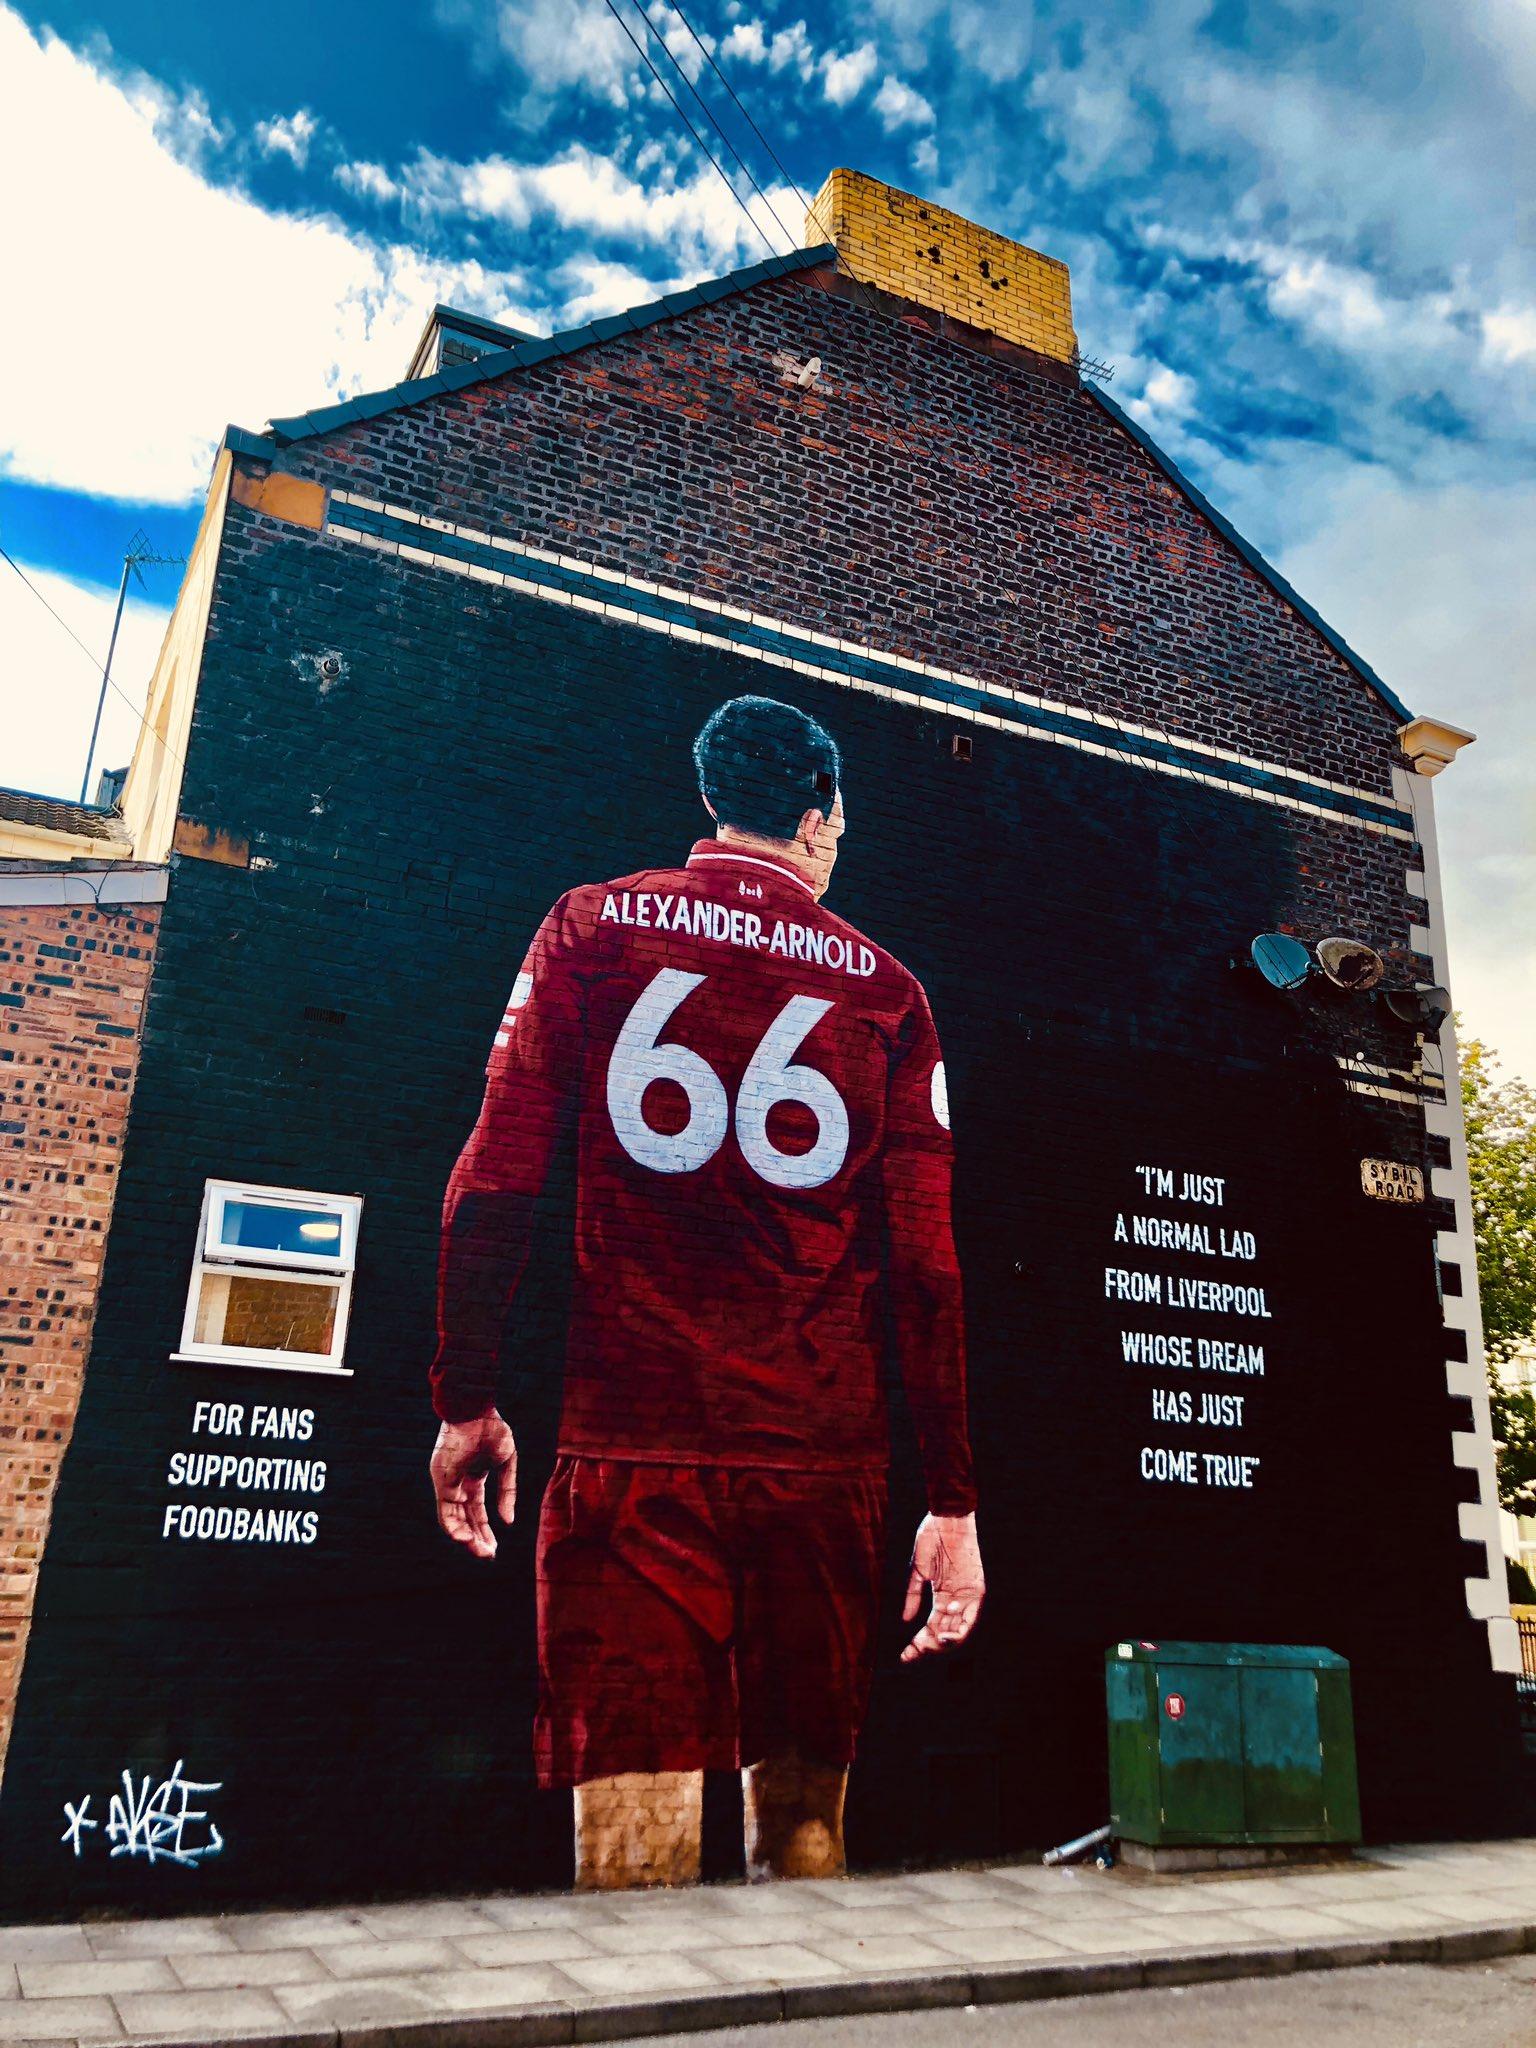 阿诺德专访:除了利物浦最欣赏巴萨,梦想终老红军